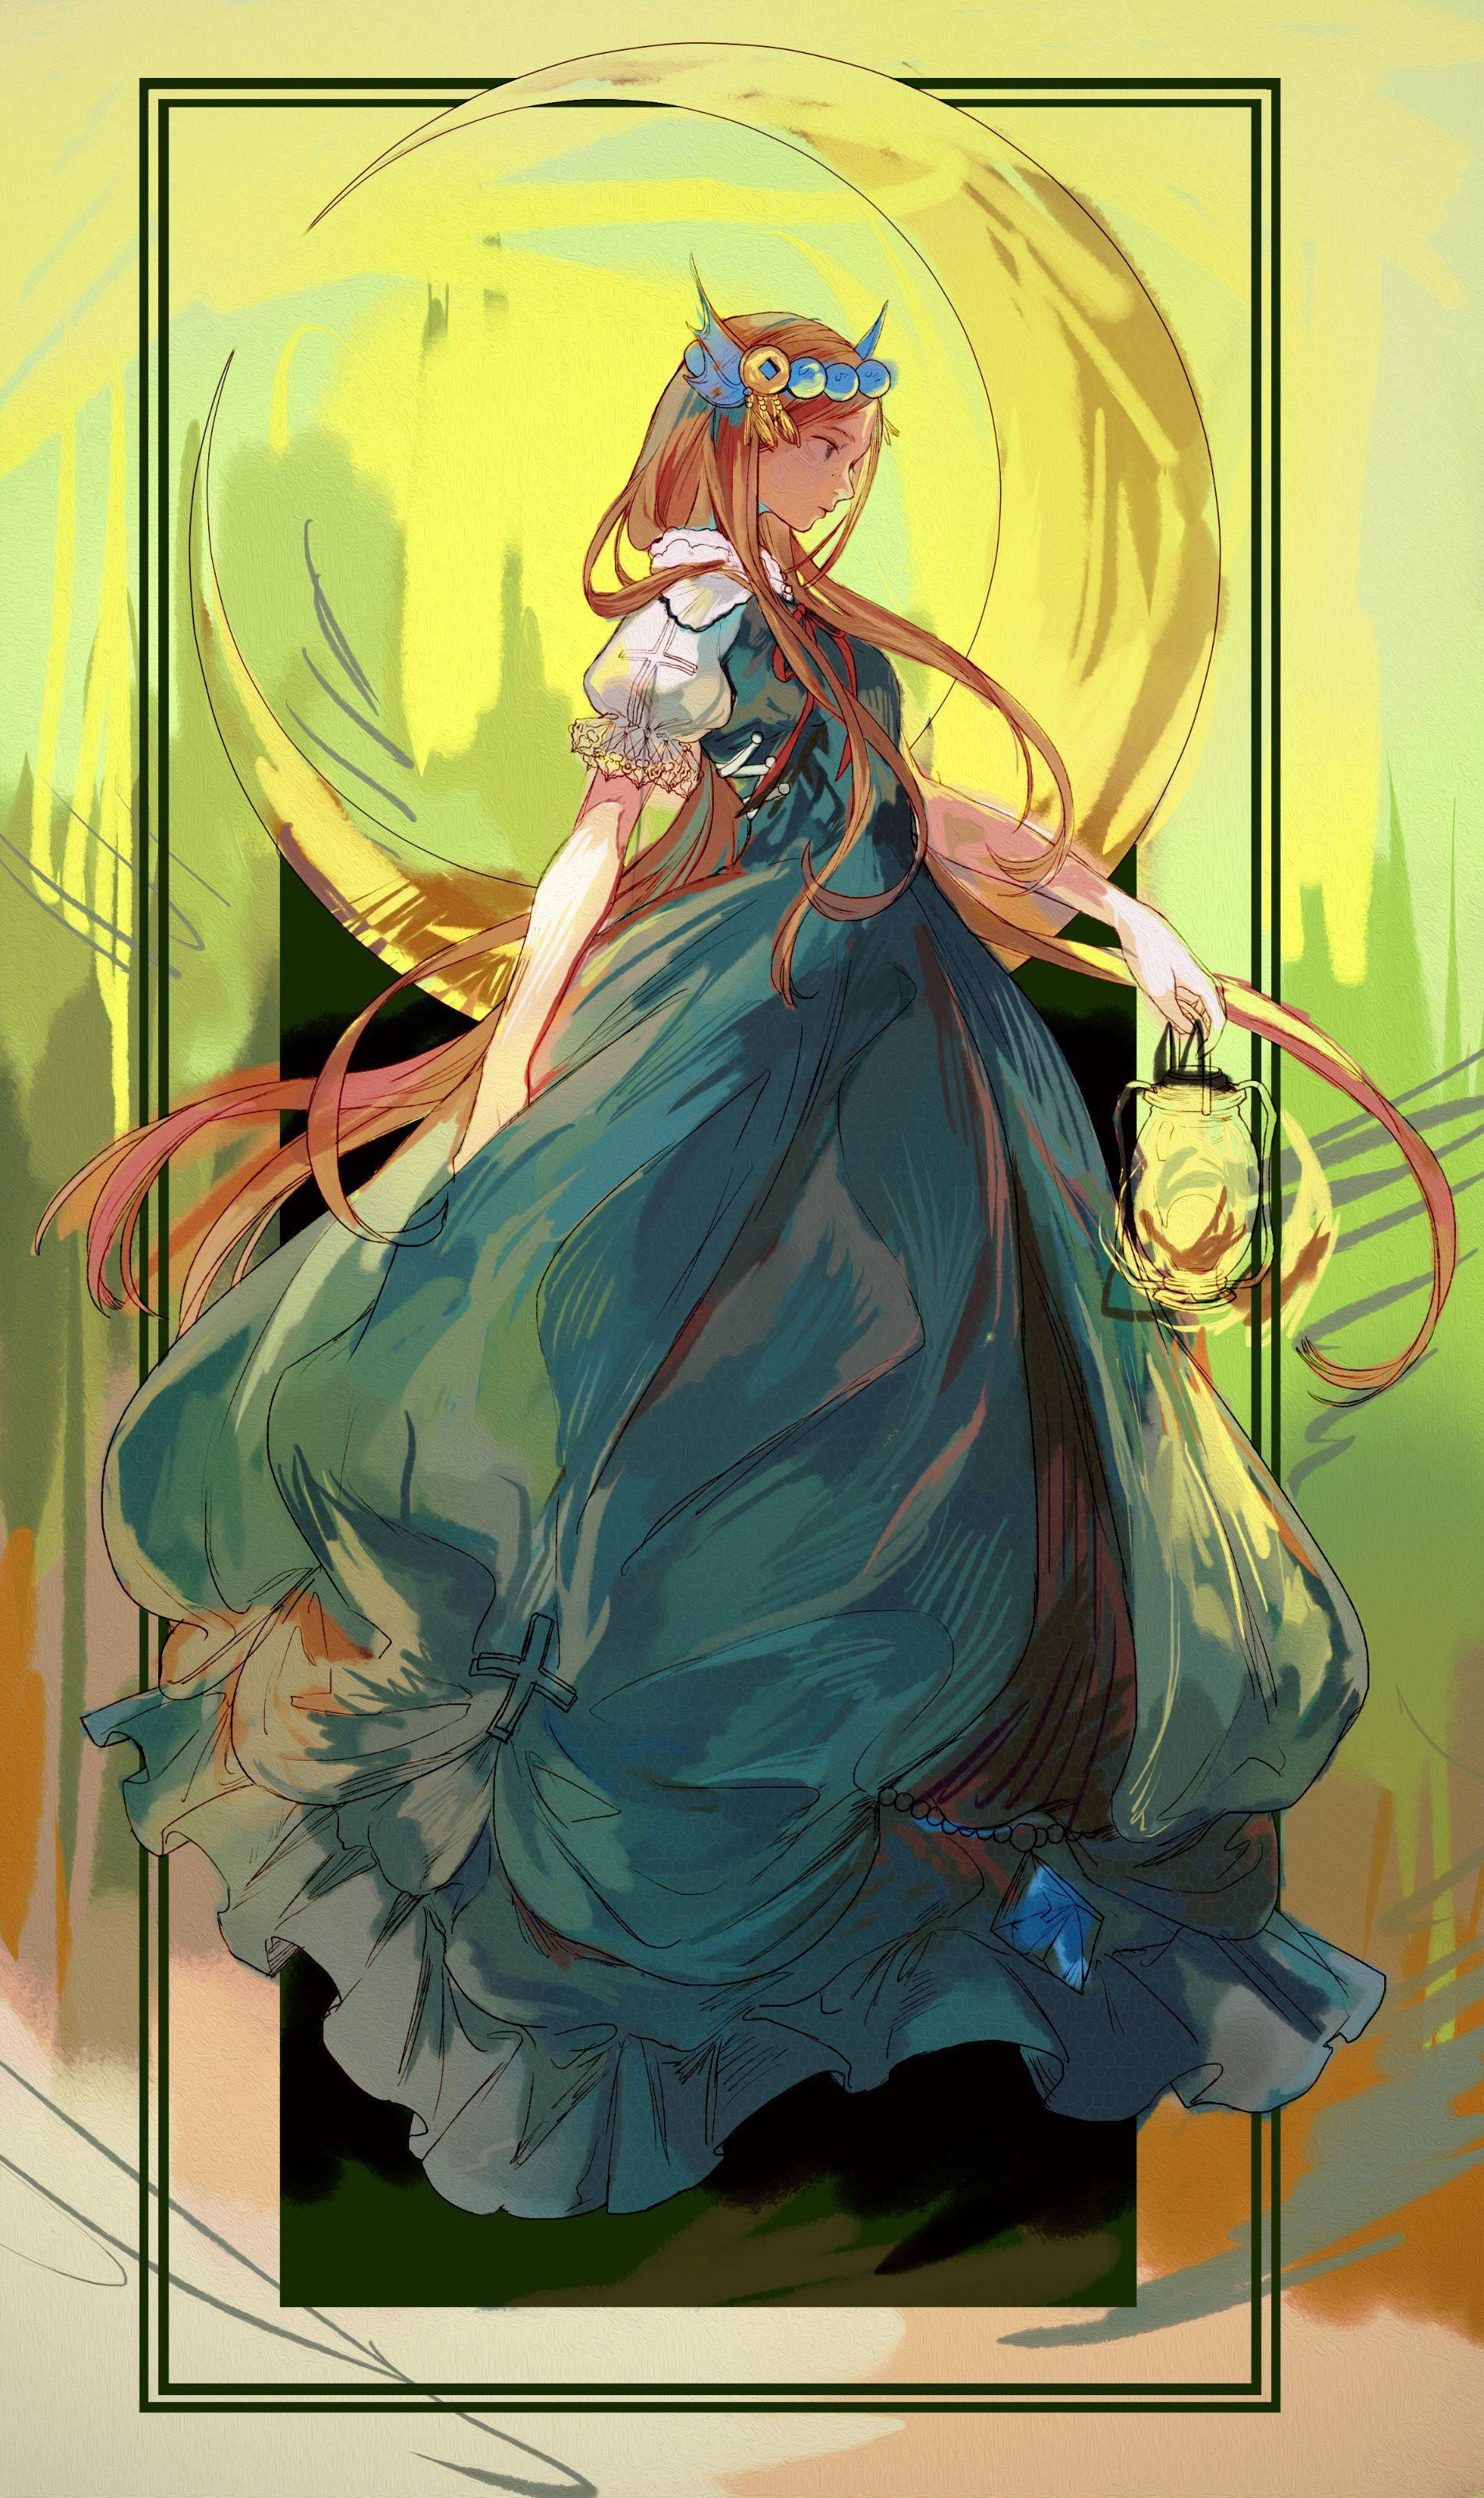 灸 on Twitter in 2020 Anime artwork wallpaper, Anime